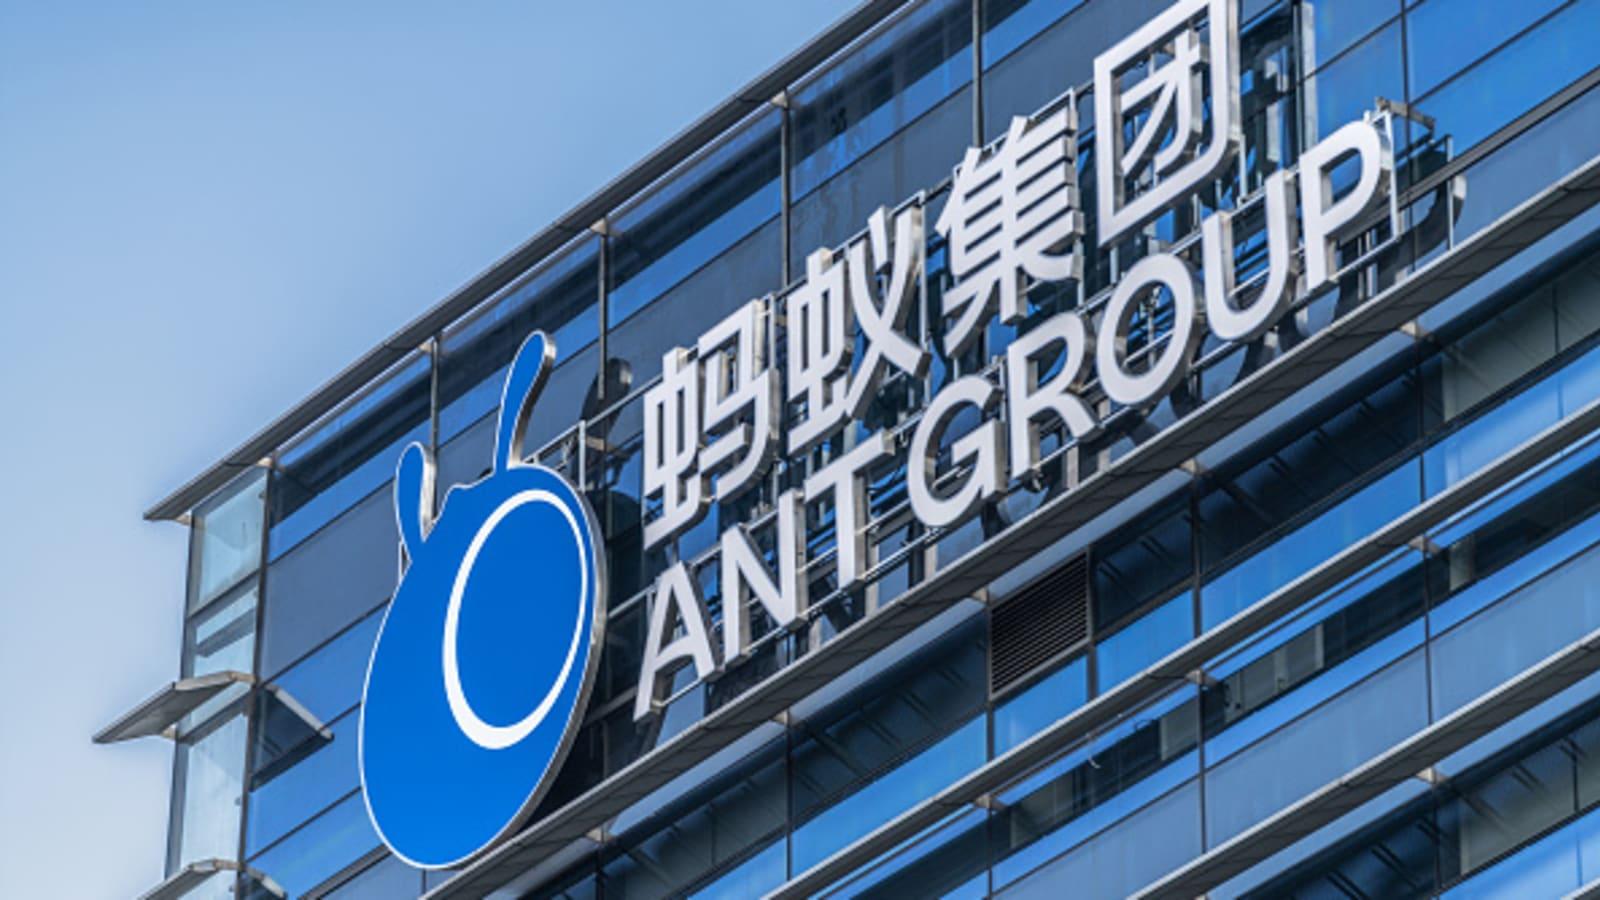 Ant - بانک مرکزی چین از Ant Group خواست کیفیت خدمات خود را حفظ کند